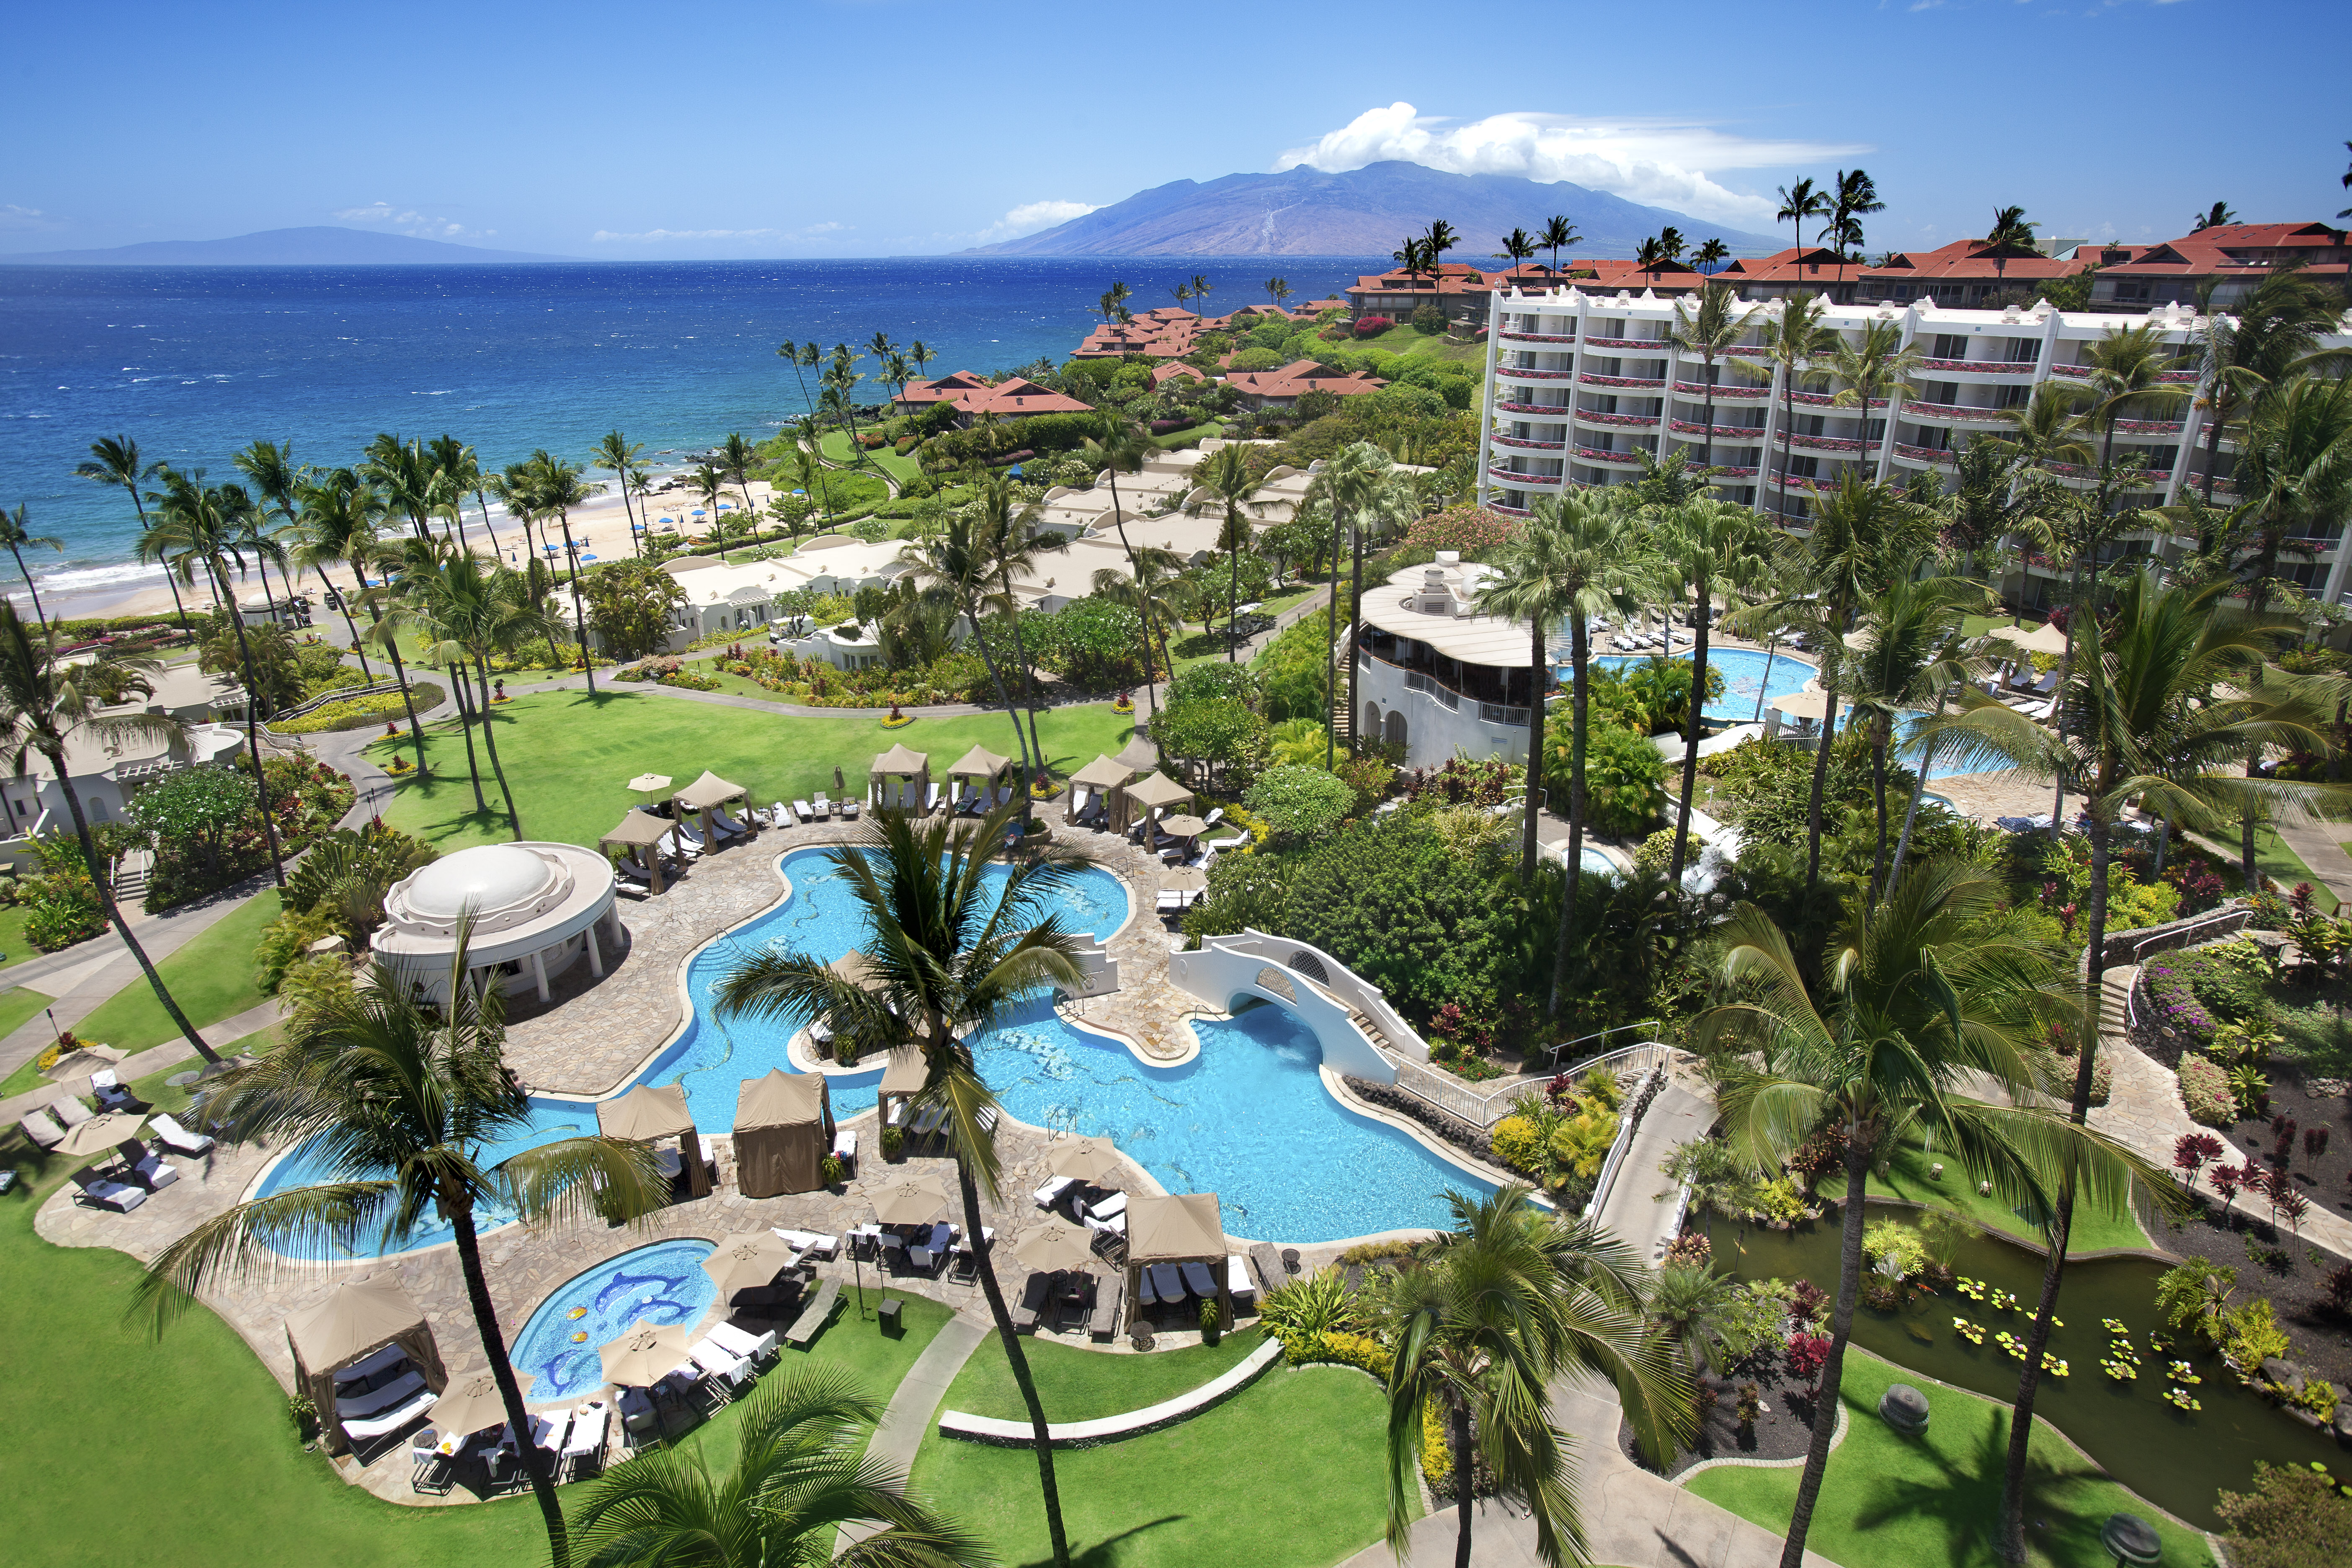 Fairmont Hotel Spa Maui